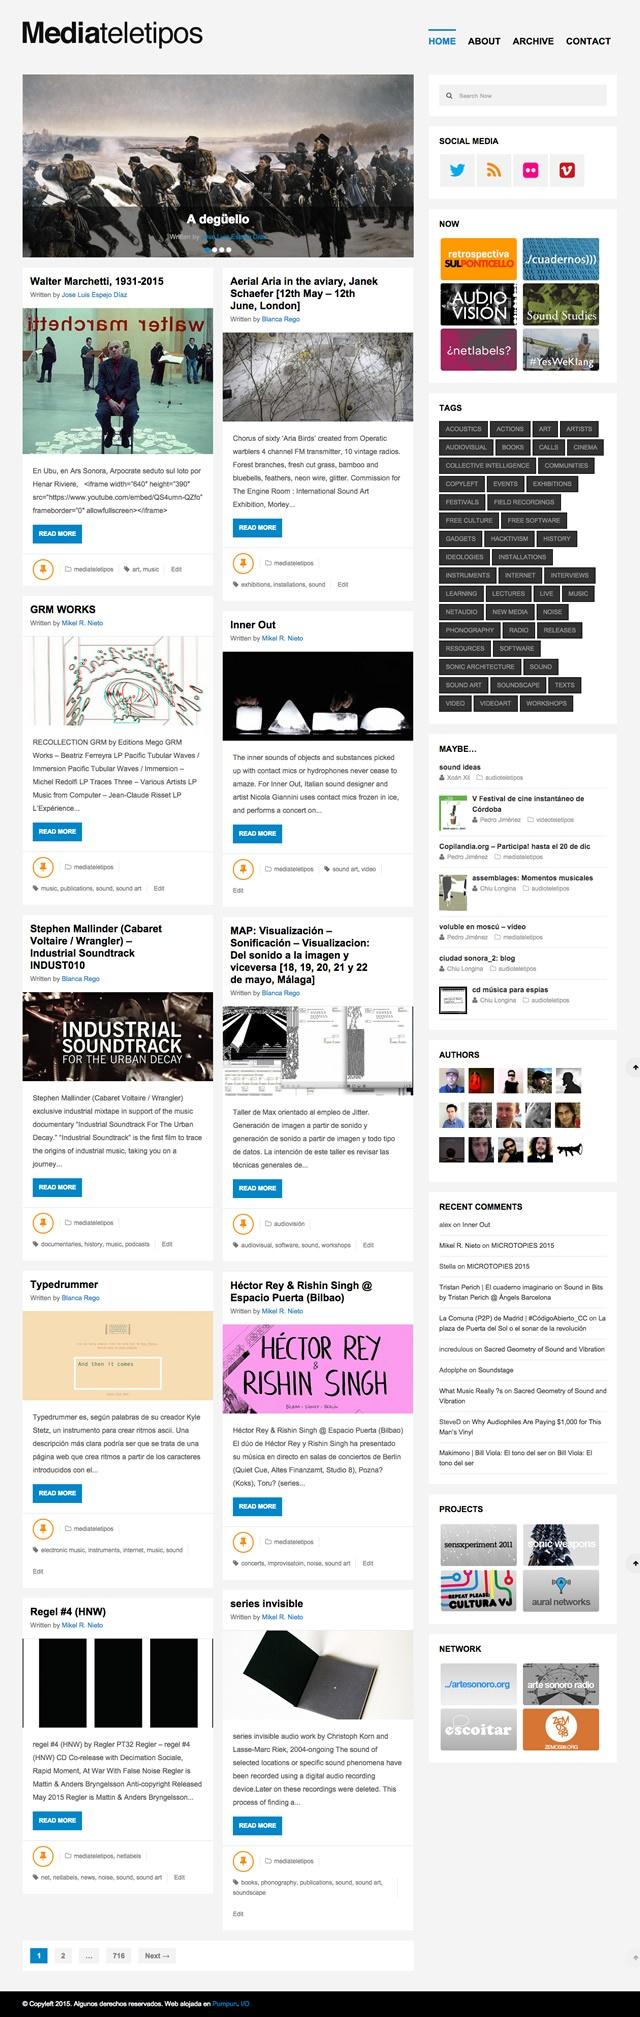 pagina de inicio de Mediateletipos